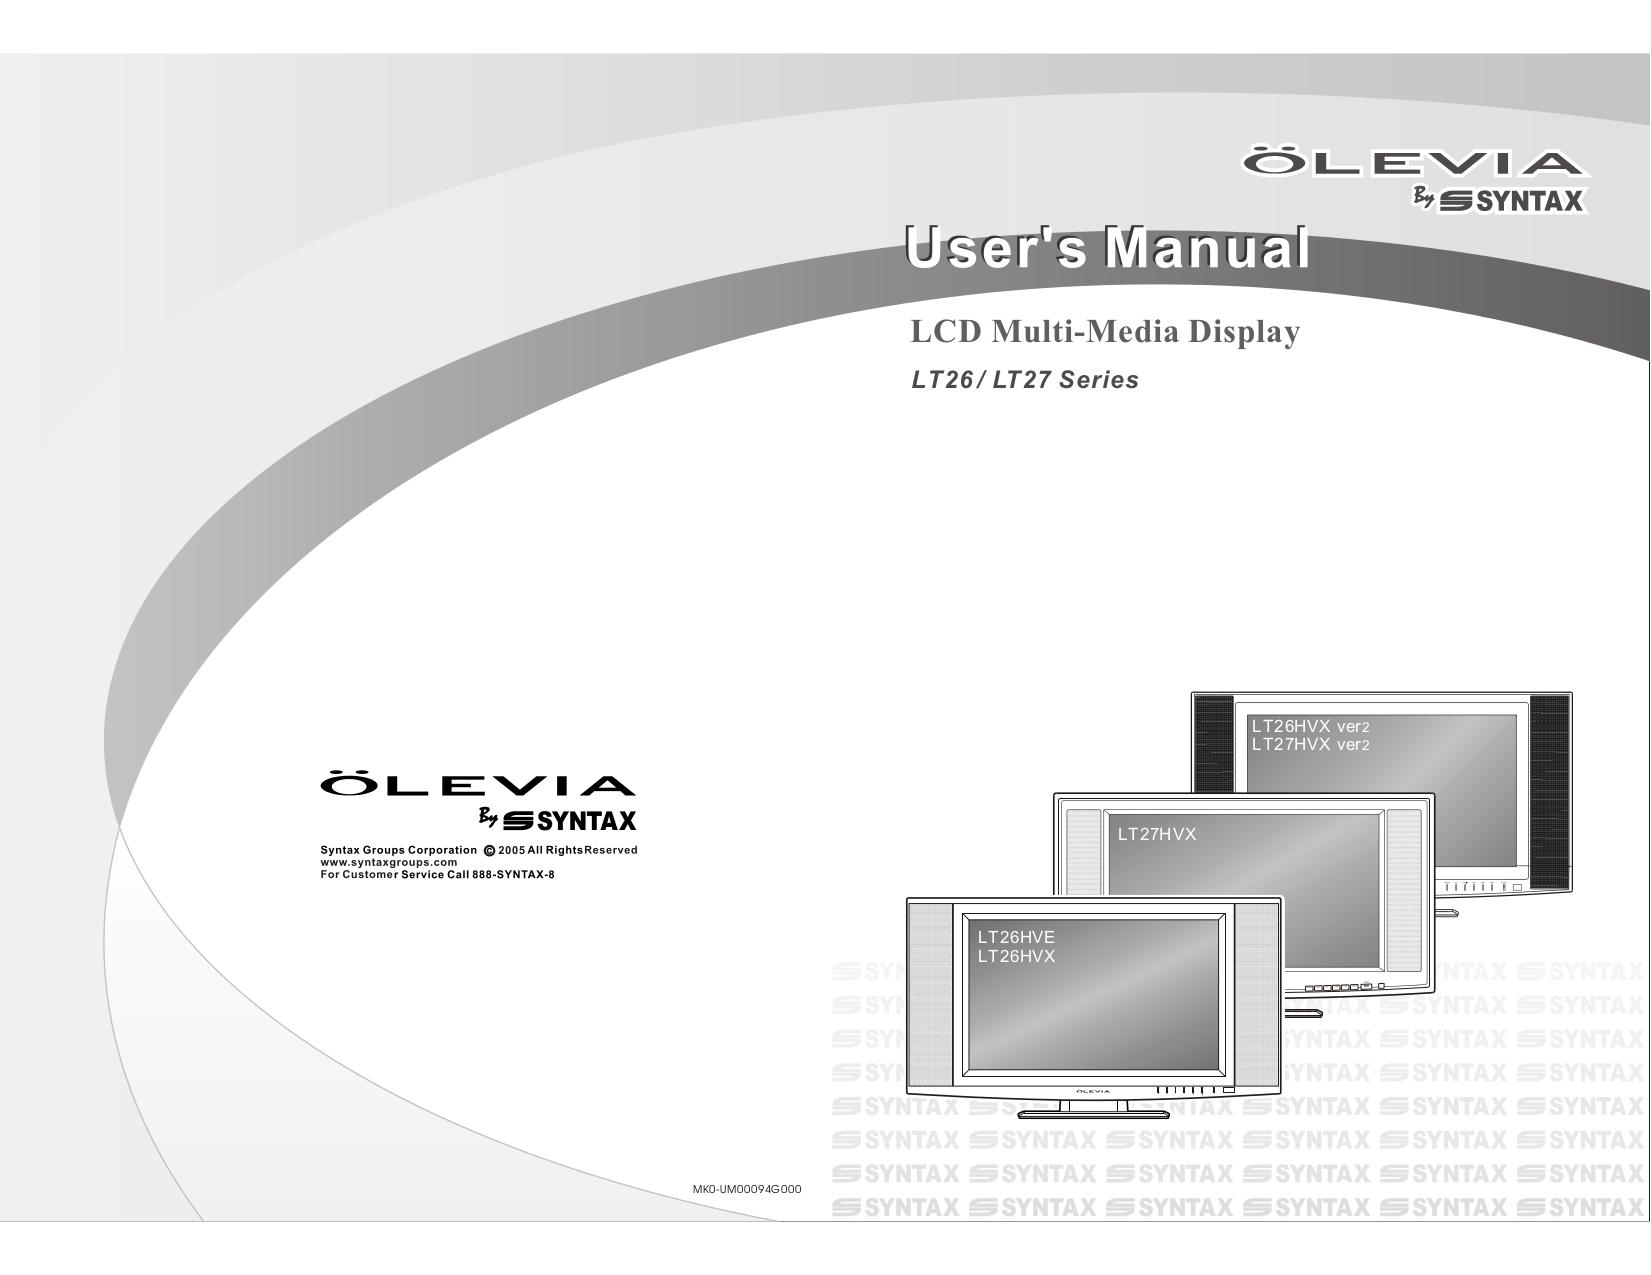 olevia tv manual user guide manual that easy to read u2022 rh sibere co olevia 232-t12 manual olevia 232-s13 manual